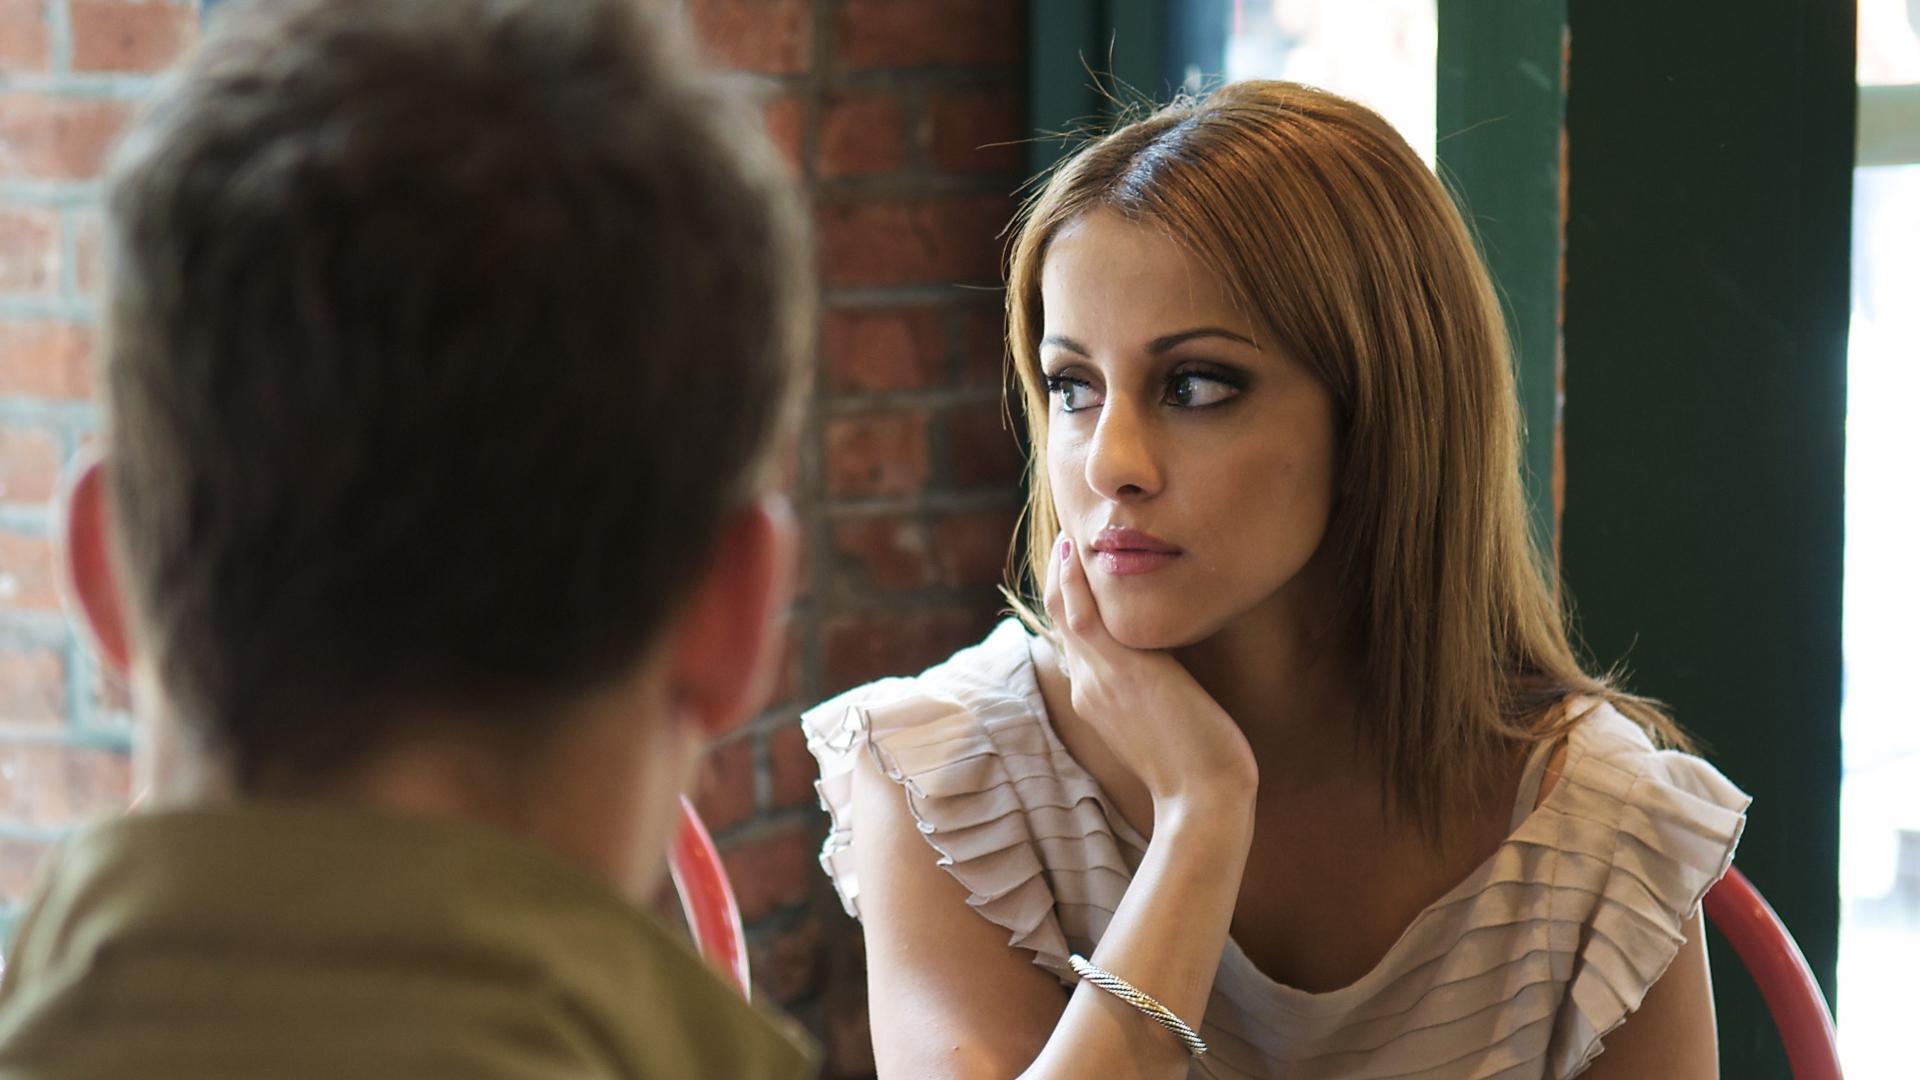 Почему люди отводят глаза при разговоре?